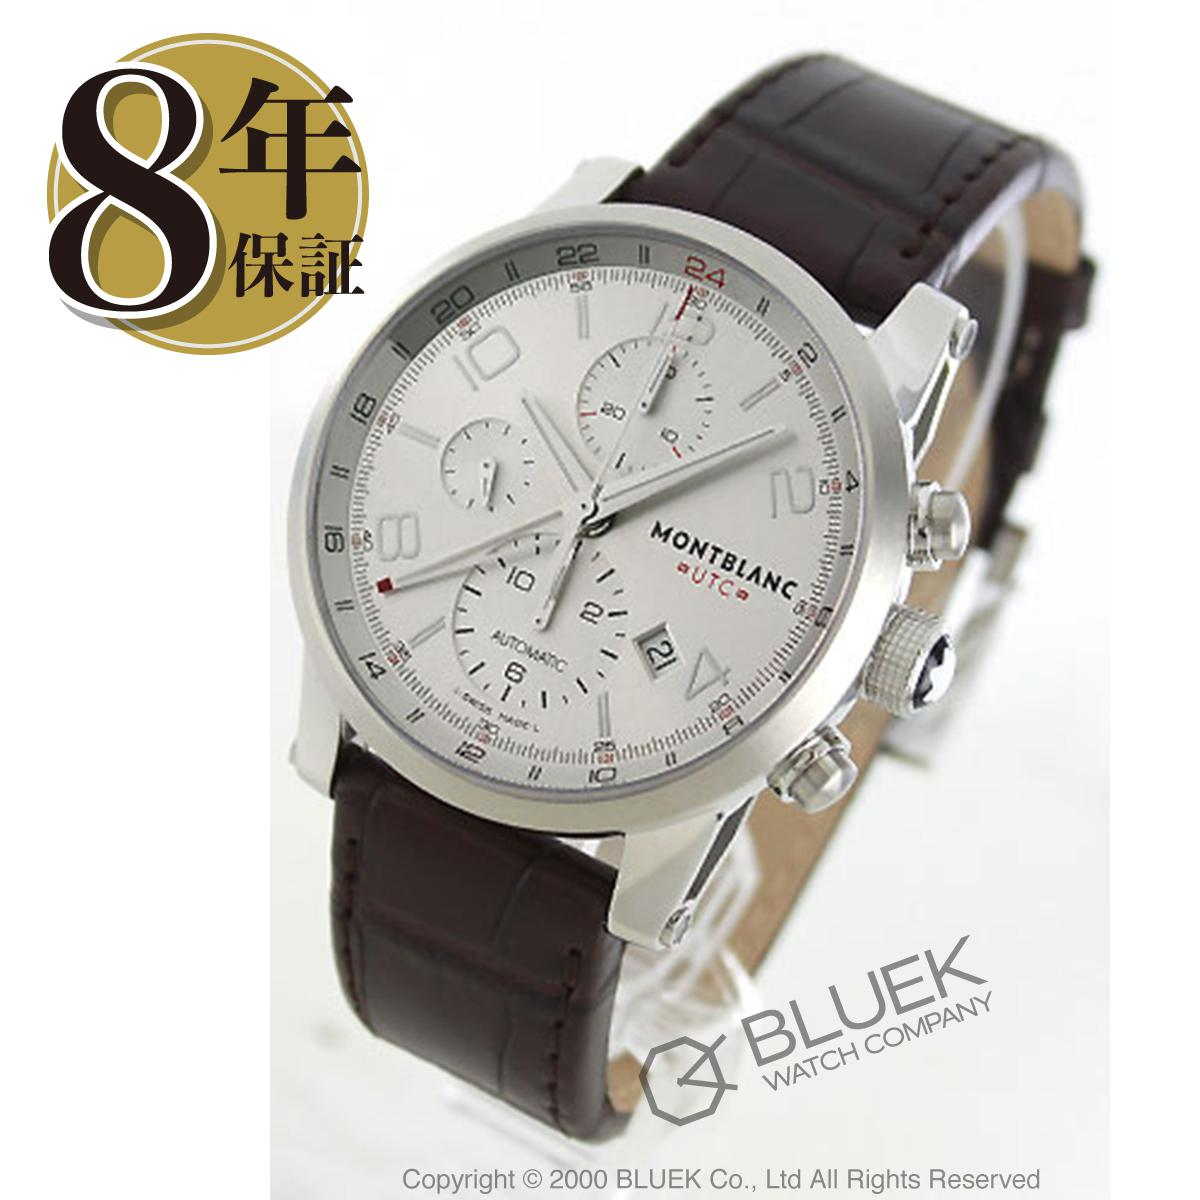 【6,000円OFFクーポン対象】モンブラン タイムウォーカー クロノグラフ GMT アリゲーターレザー 腕時計 メンズ MONTBLANC 107065_8